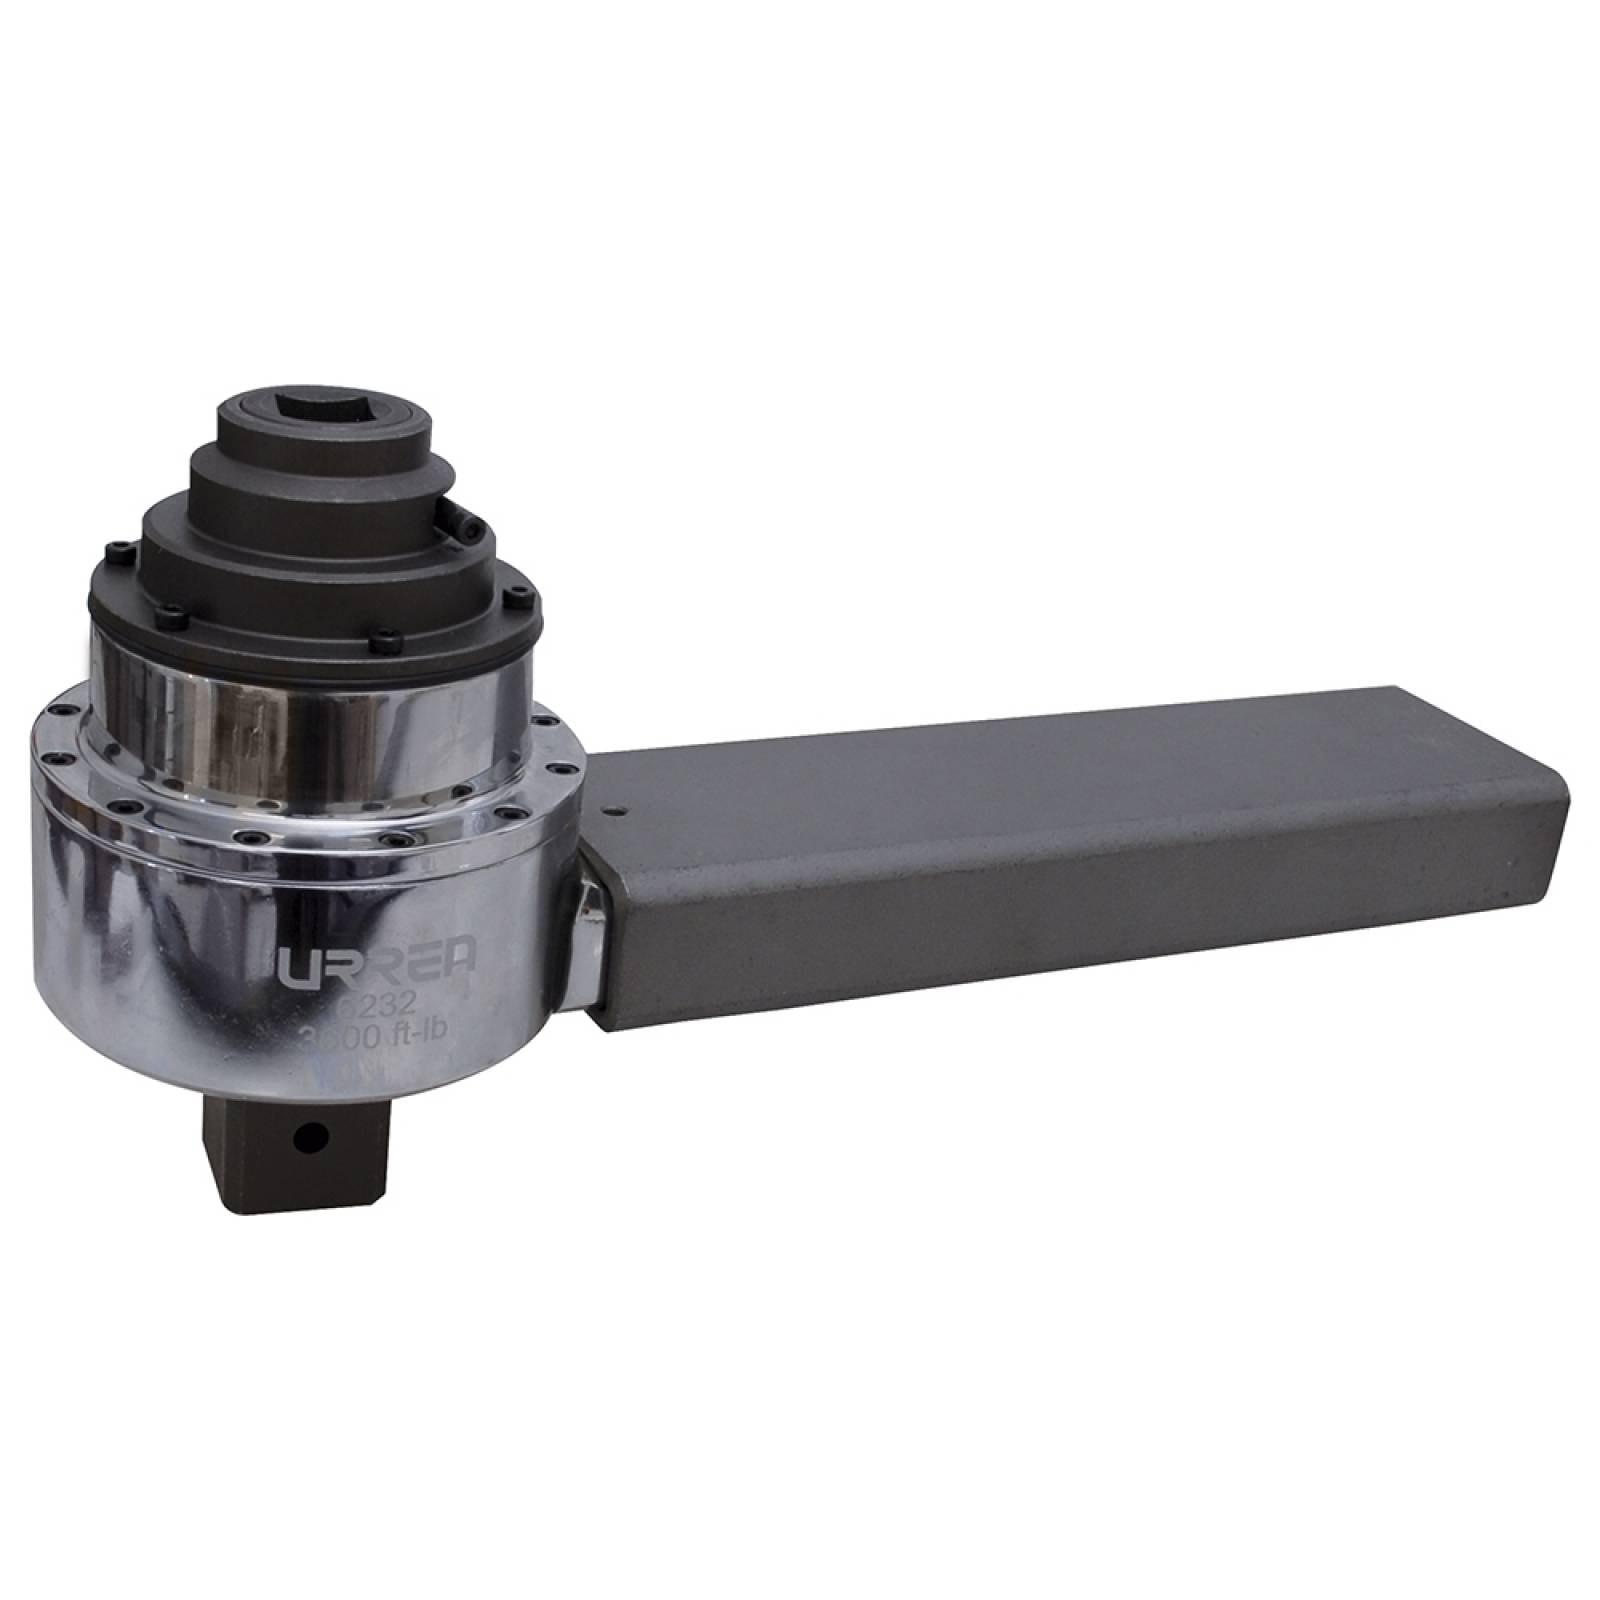 Multiplicador de torque de reacción libre 590ft-lb 6202A Urrea